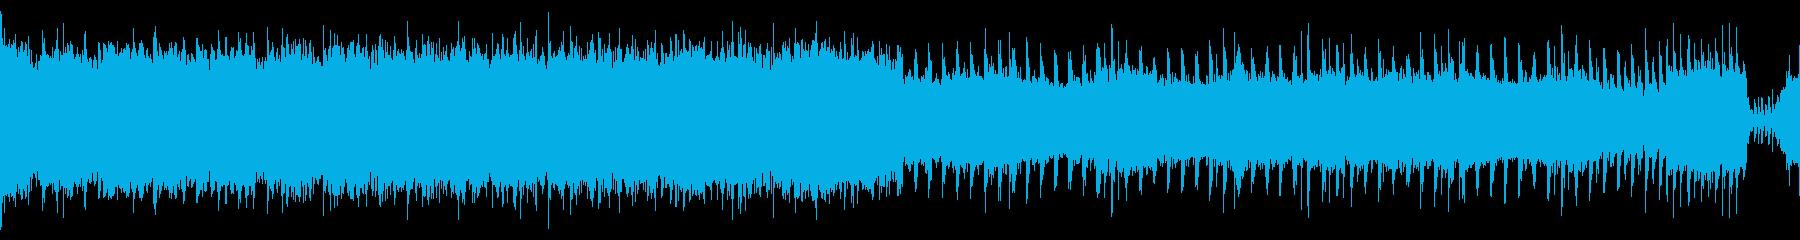 【ループ】激しいロック盛り上がるアンセムの再生済みの波形